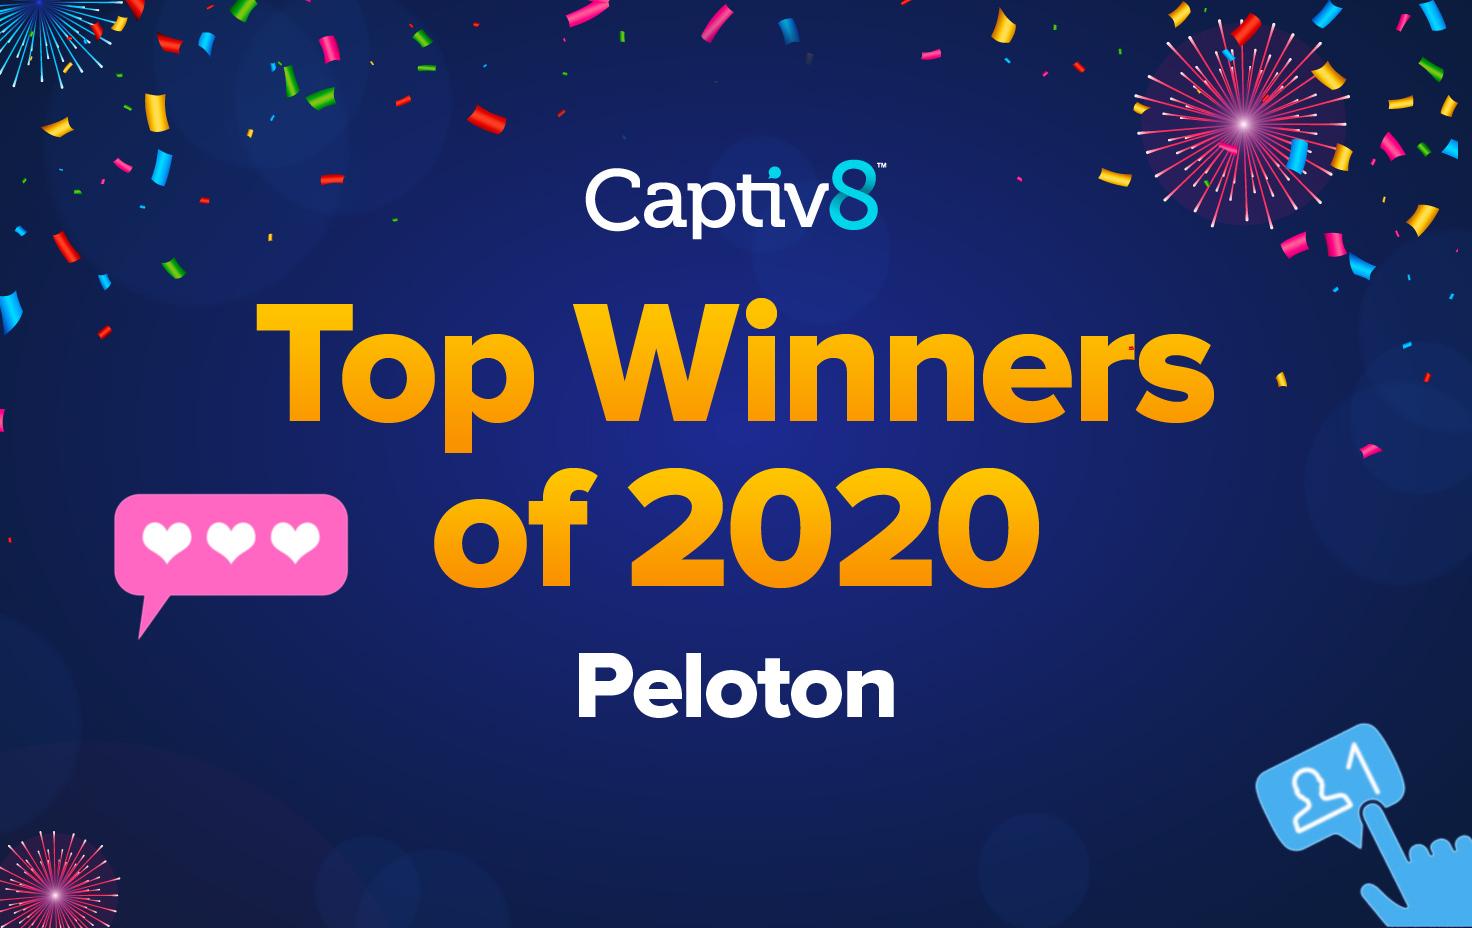 Top Winners of 2020 Peloton